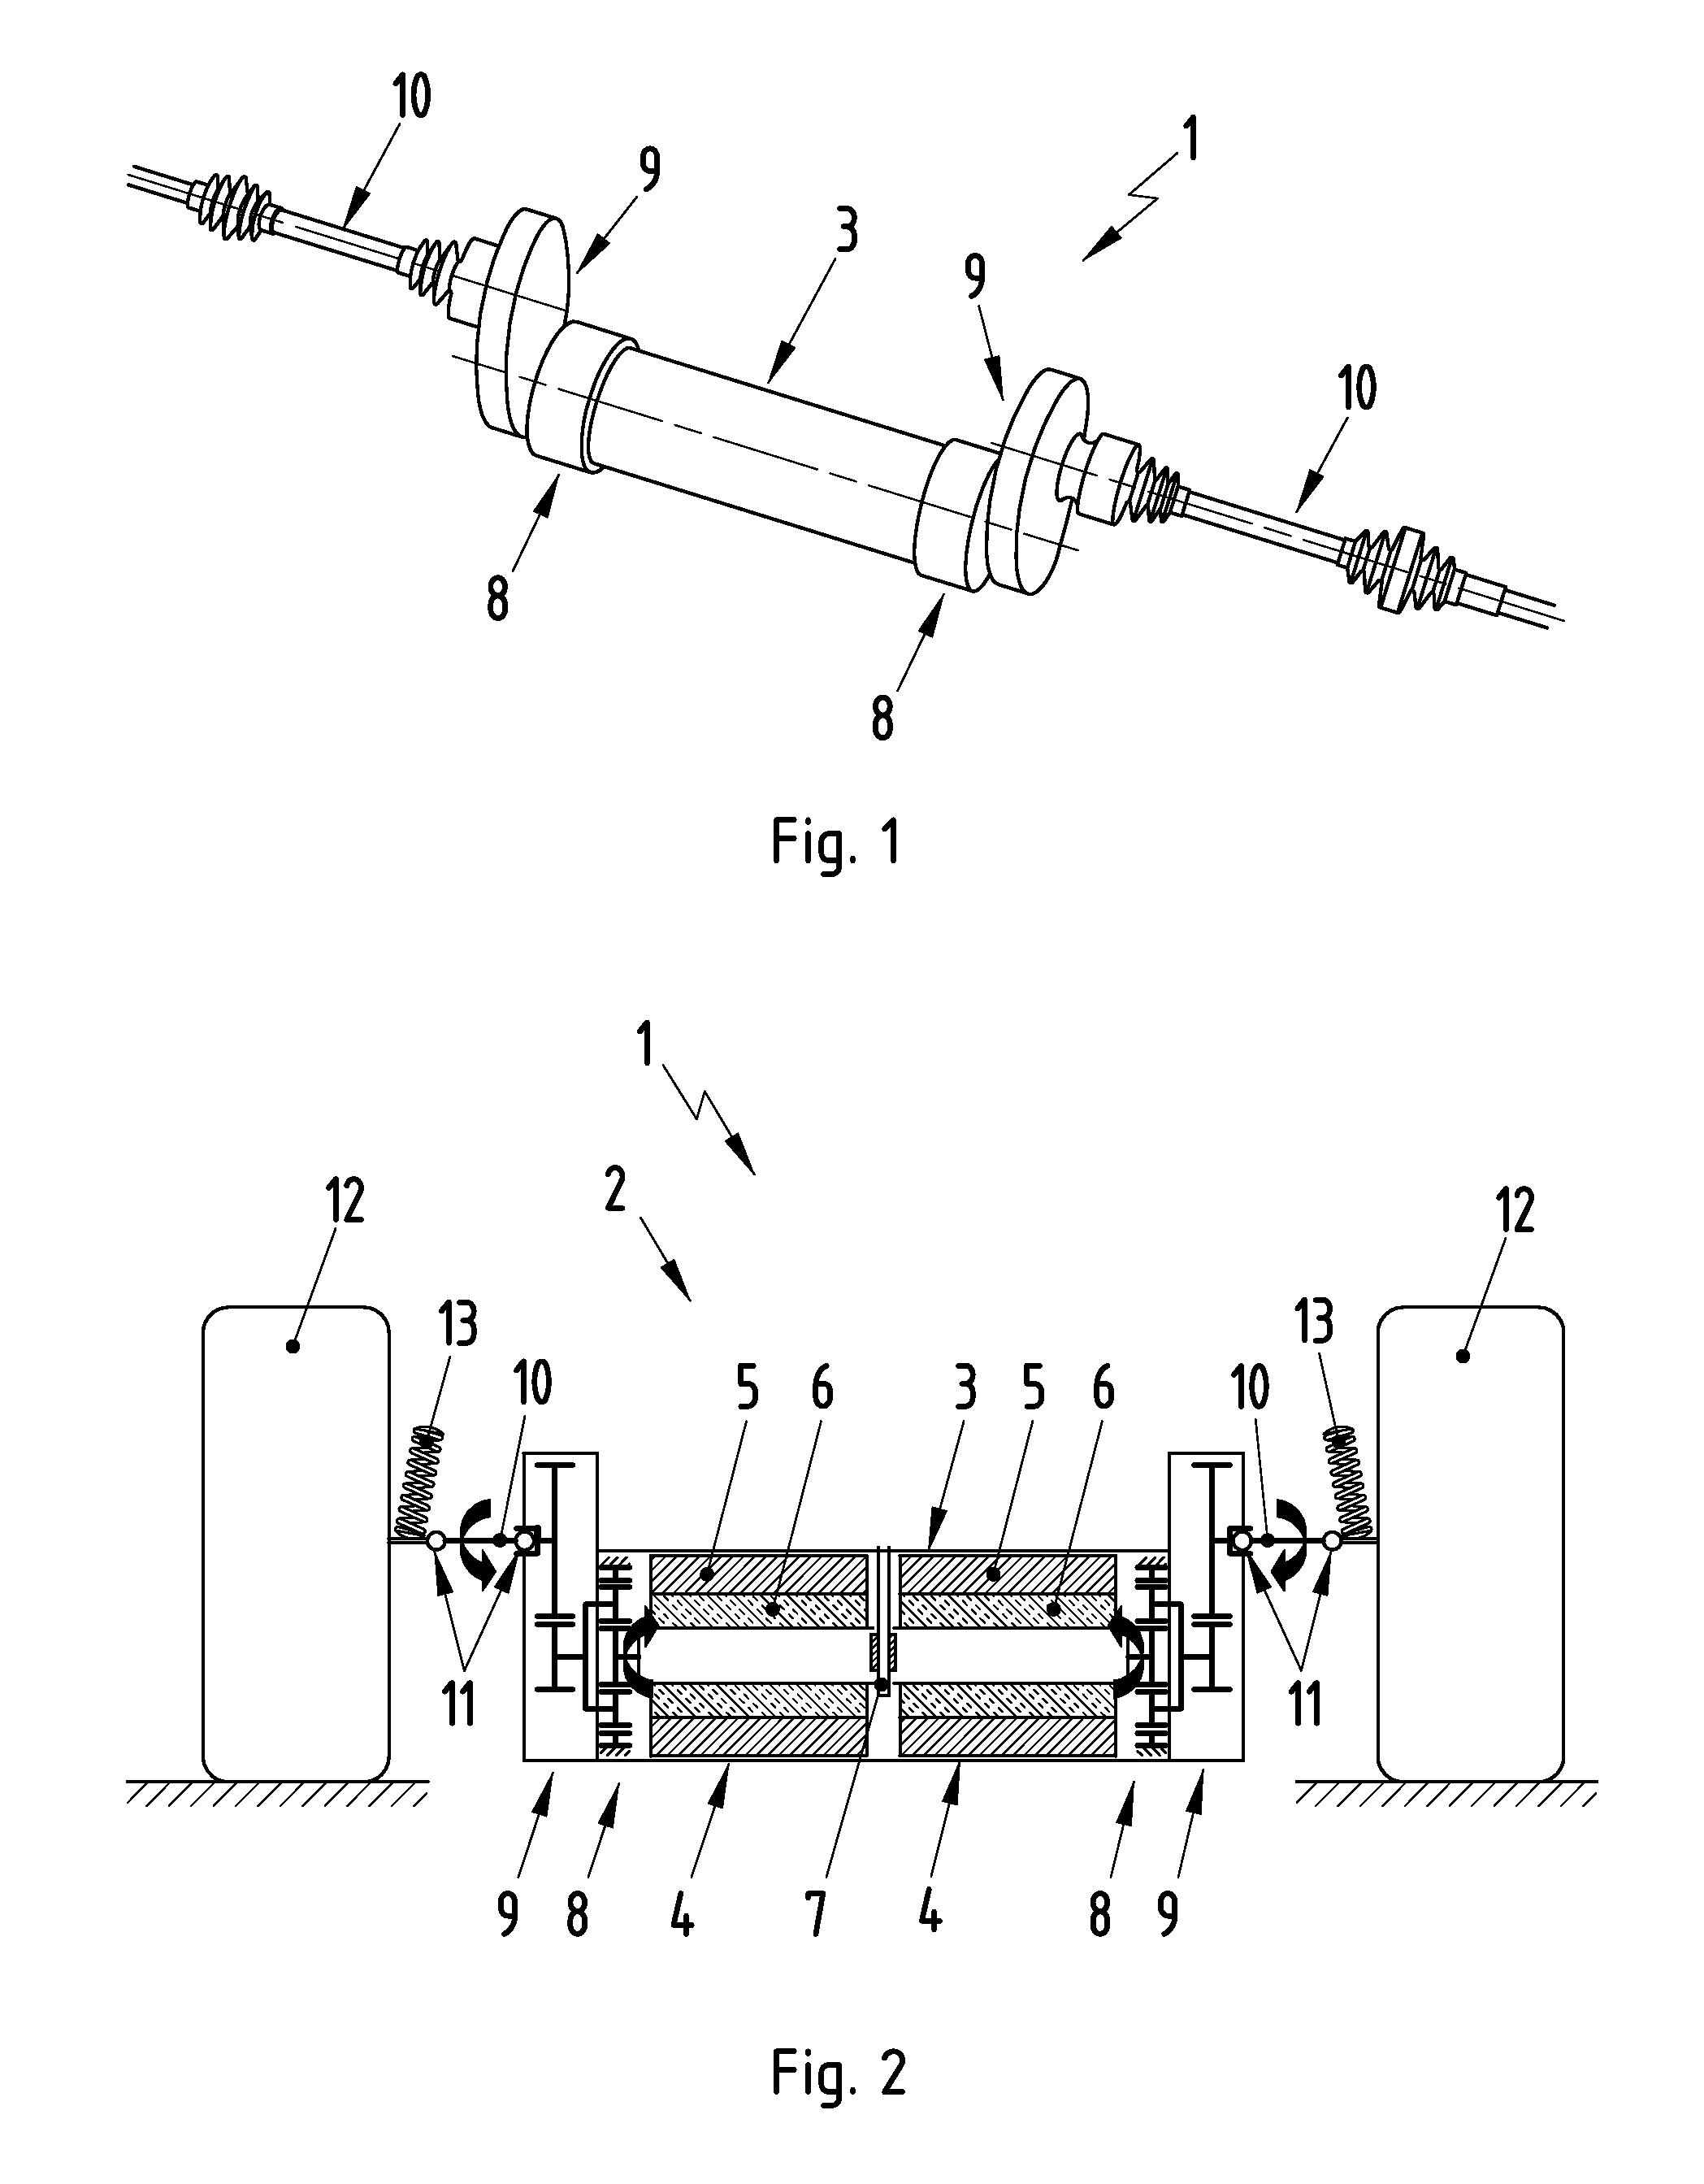 1929 chrysler model wiring diagram  1929  free engine